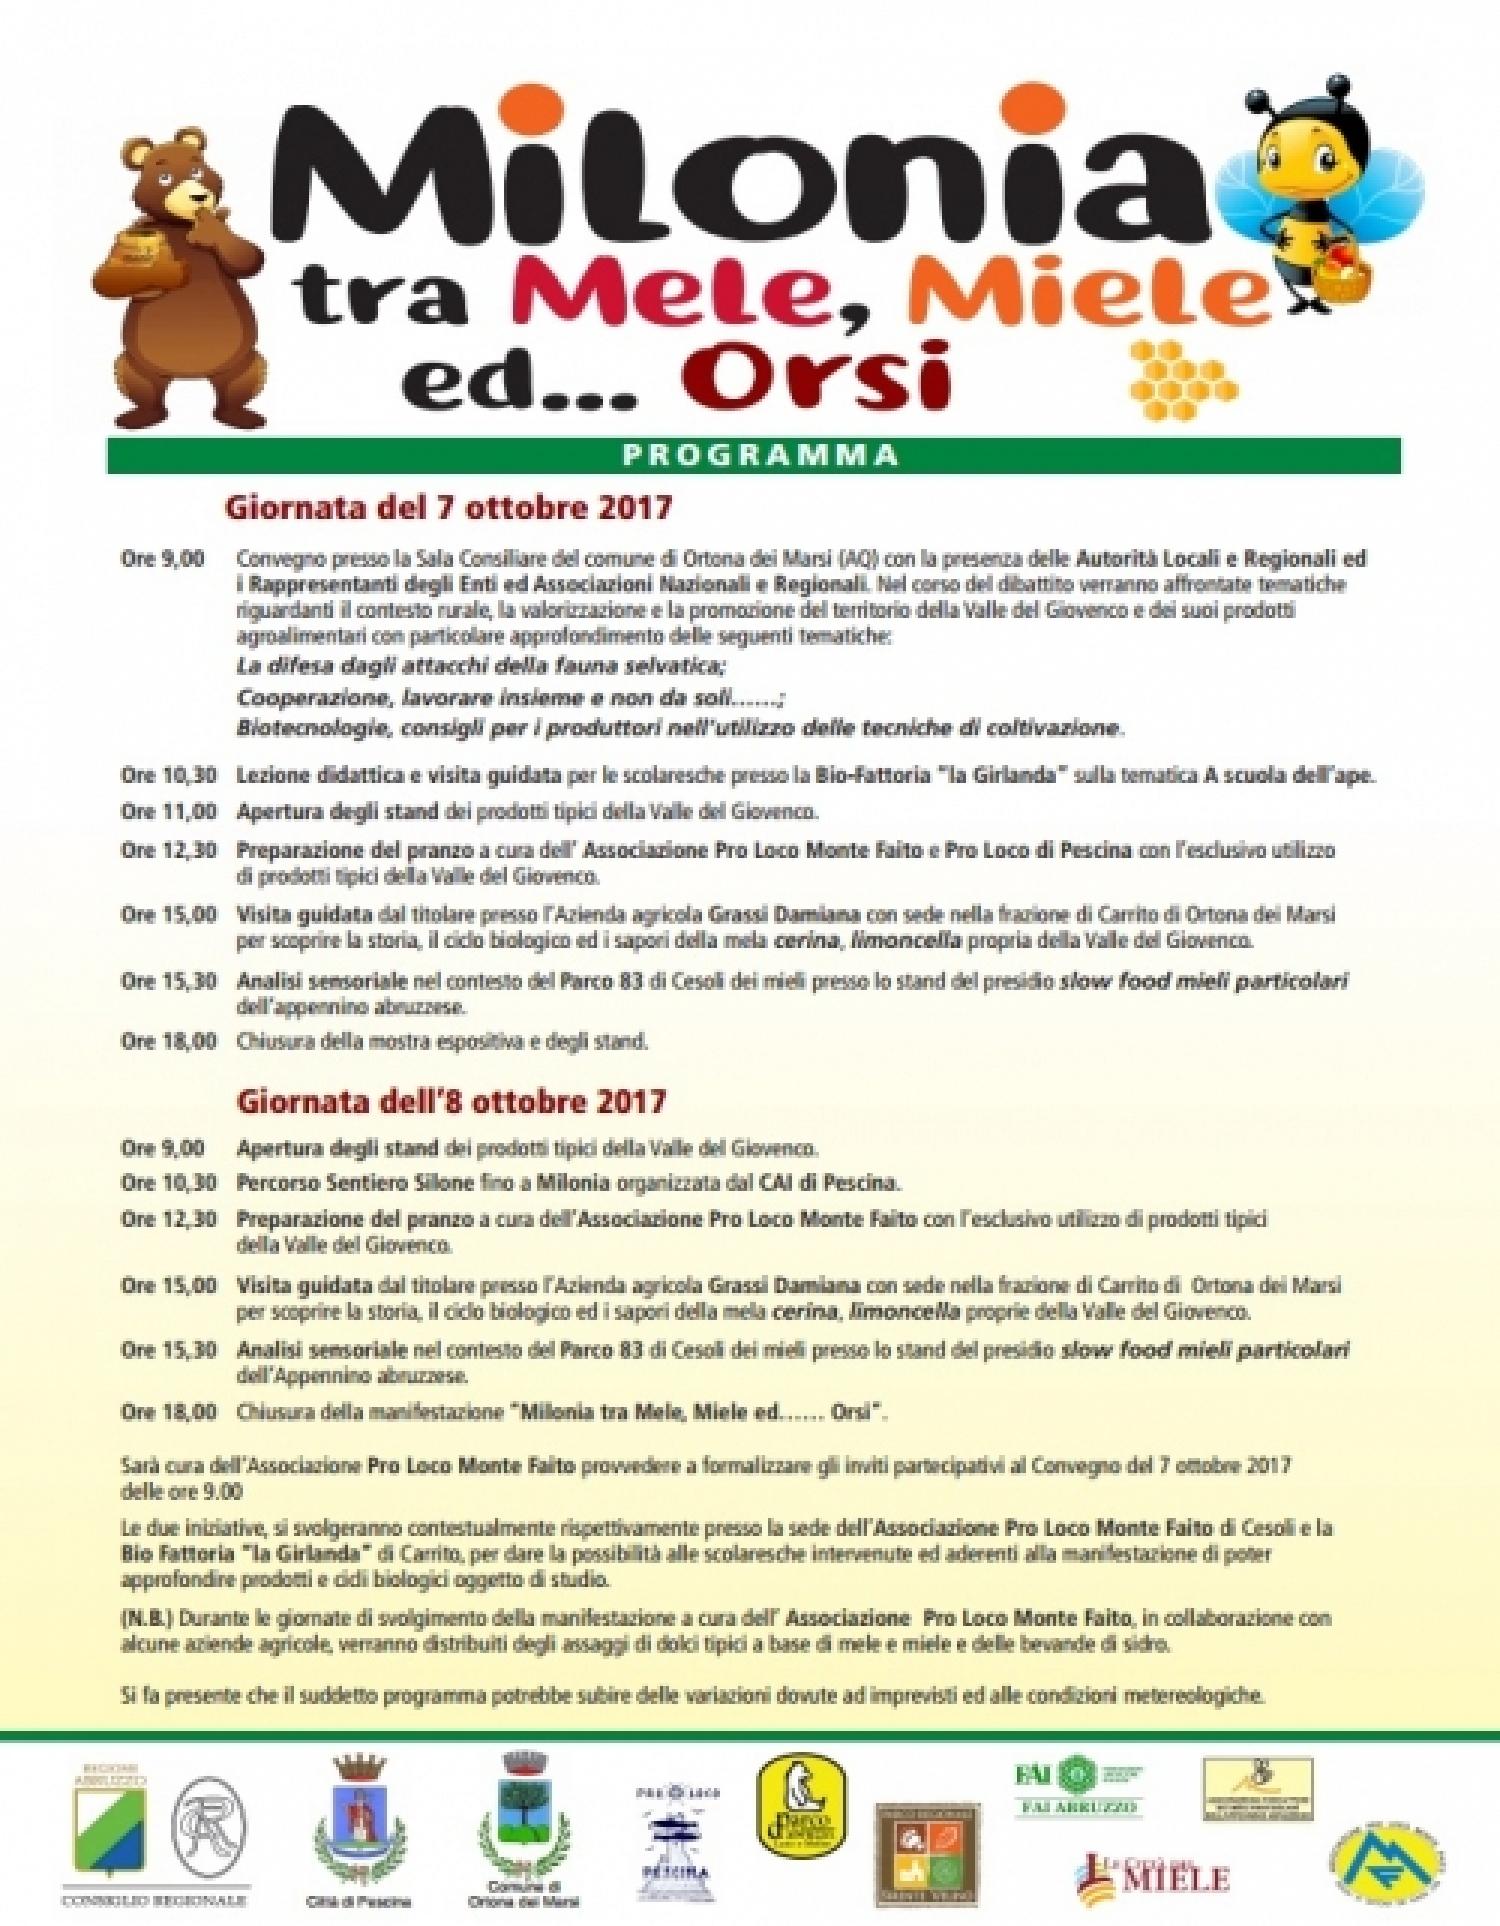 Milonia-2017-tra-Mele-Miele-ed-Orsi-a-Ortona-dei-Marsi-Programma.jpg